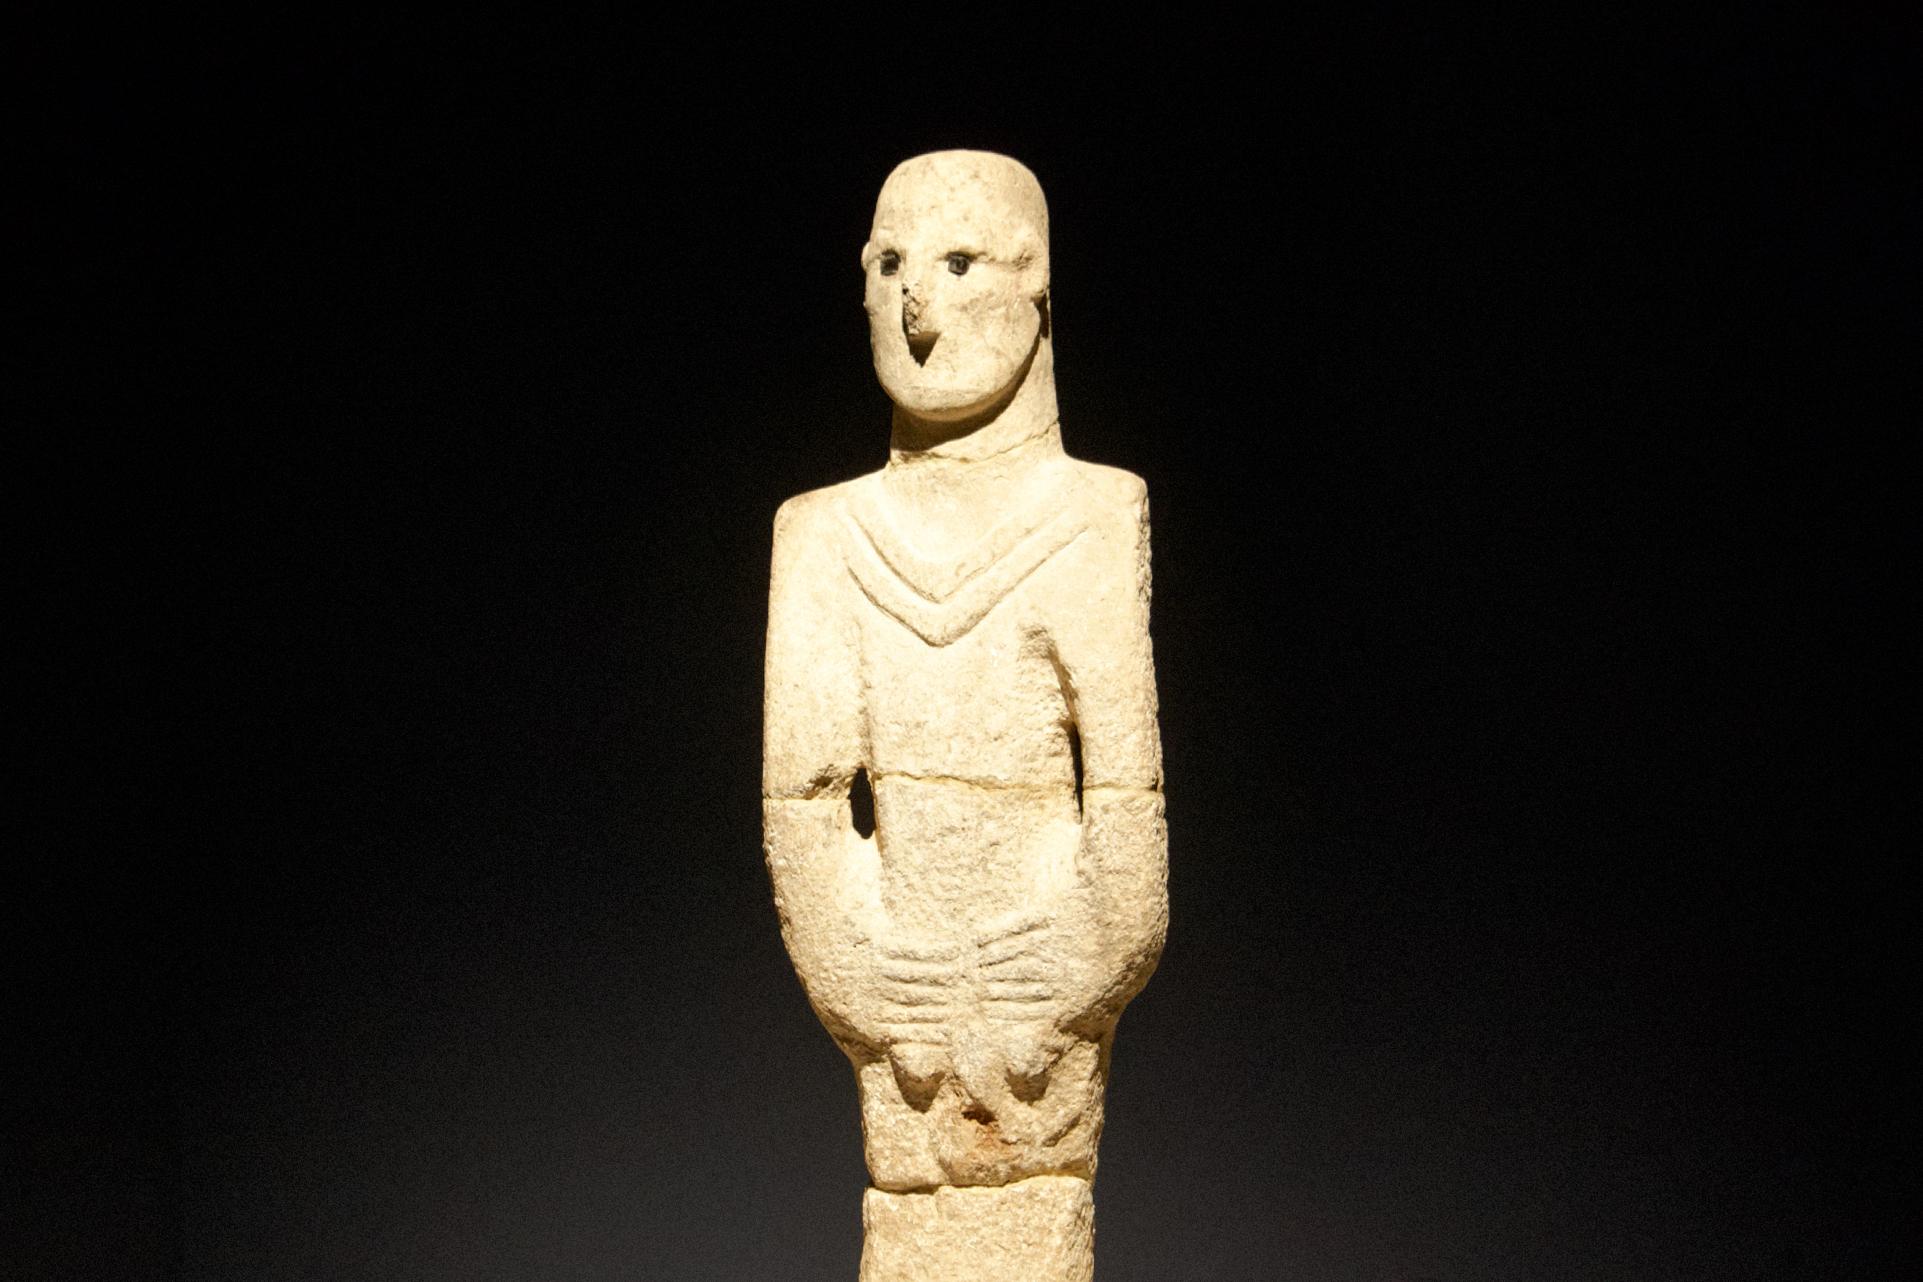 L'homme d'Urfa, statue deBalikligöl - 13500 ans